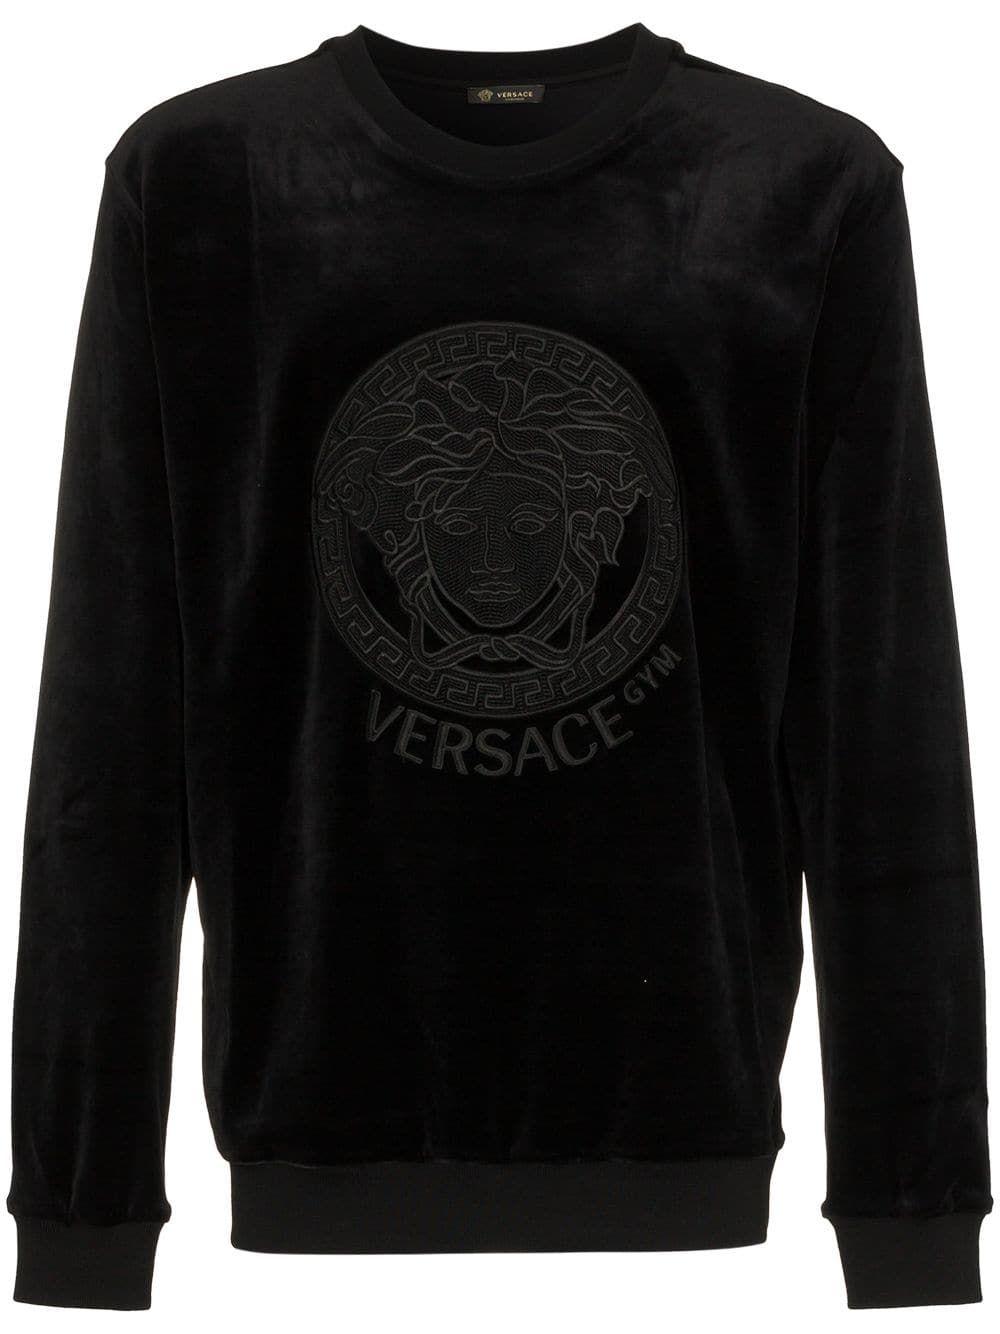 VERSACE VERSACE VERS CRW SWT BLK - BLACK.  versace  cloth   Classy ... c7f34c91002